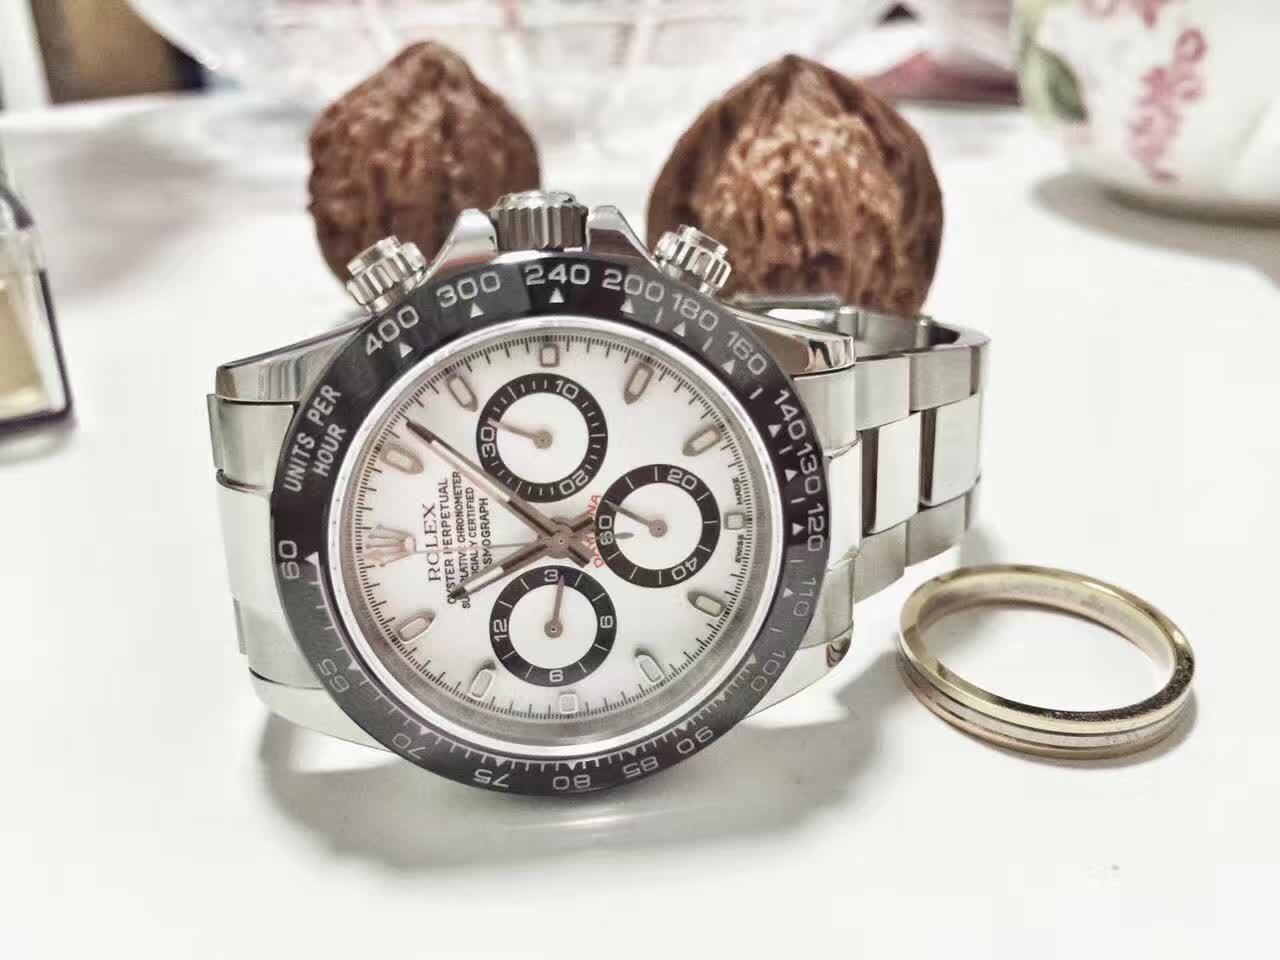 复刻表/高仿表和正品手表的分辨技巧有哪些?